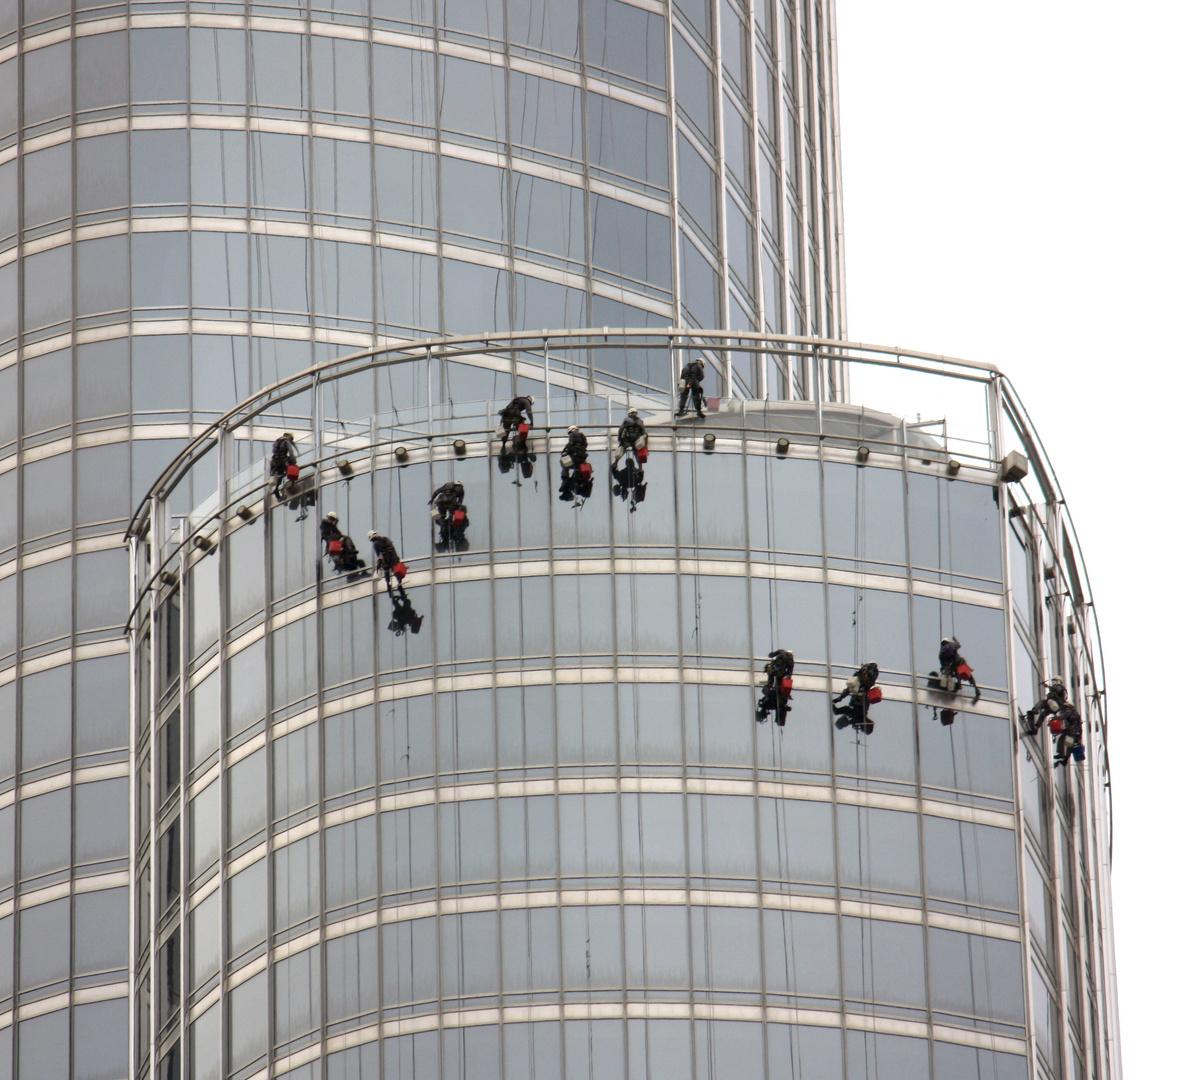 Die Fensterputzer vom Burj Khalifa